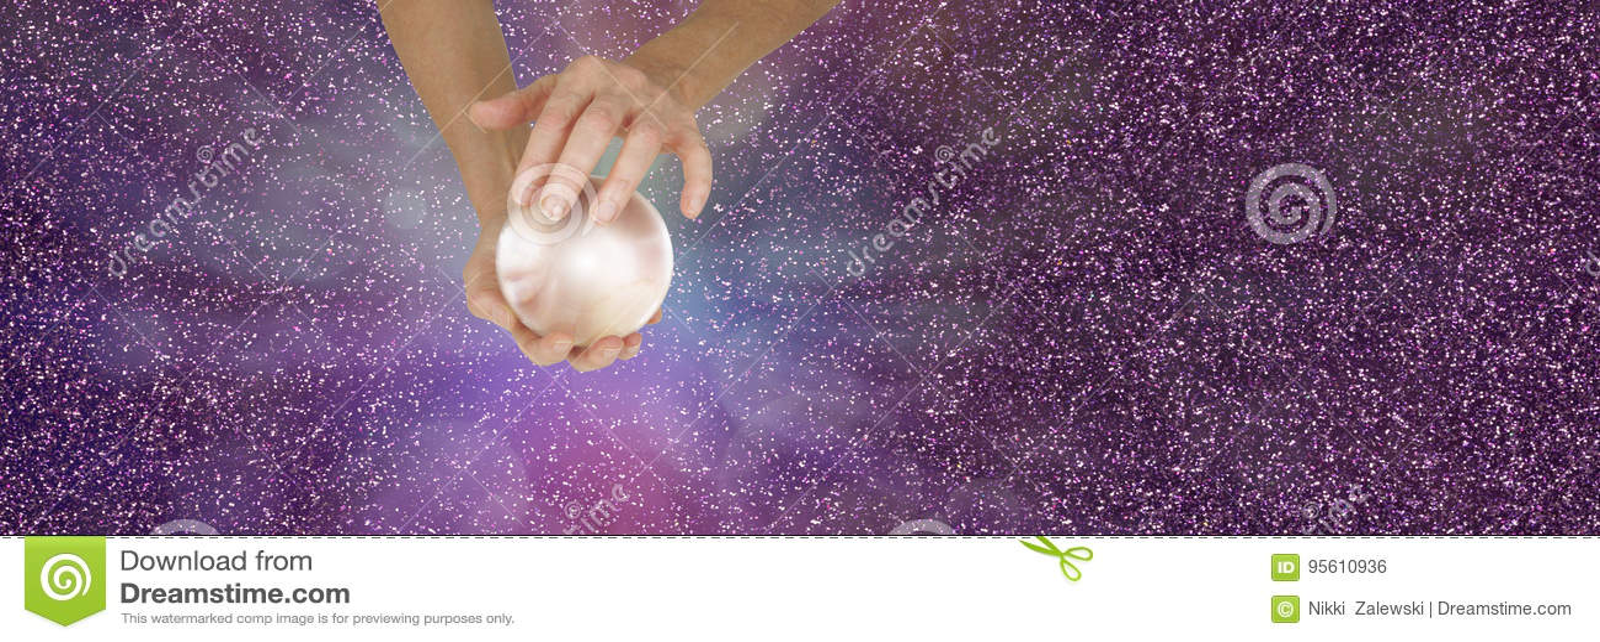 拿着在闪耀的横幅的算命者水晶球